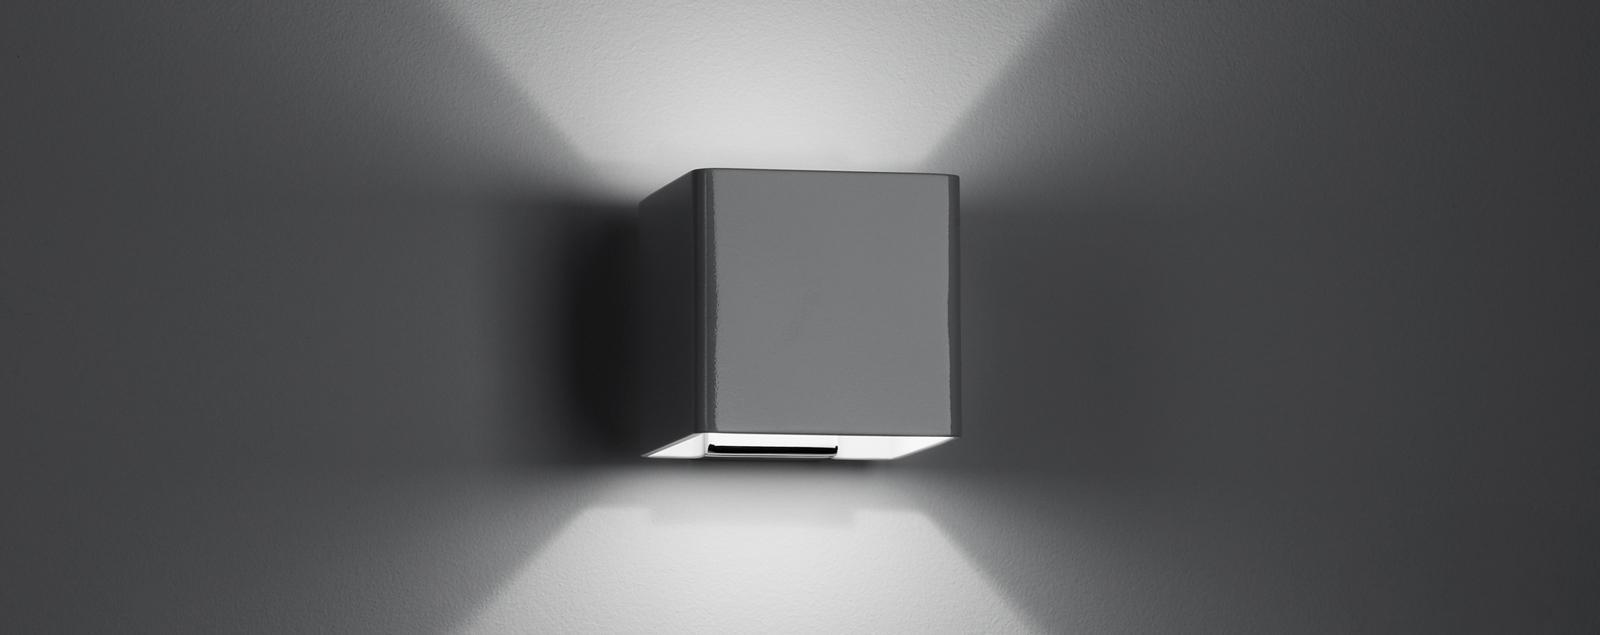 D75 Bijou wall lighting - Fabbian Illuminazione